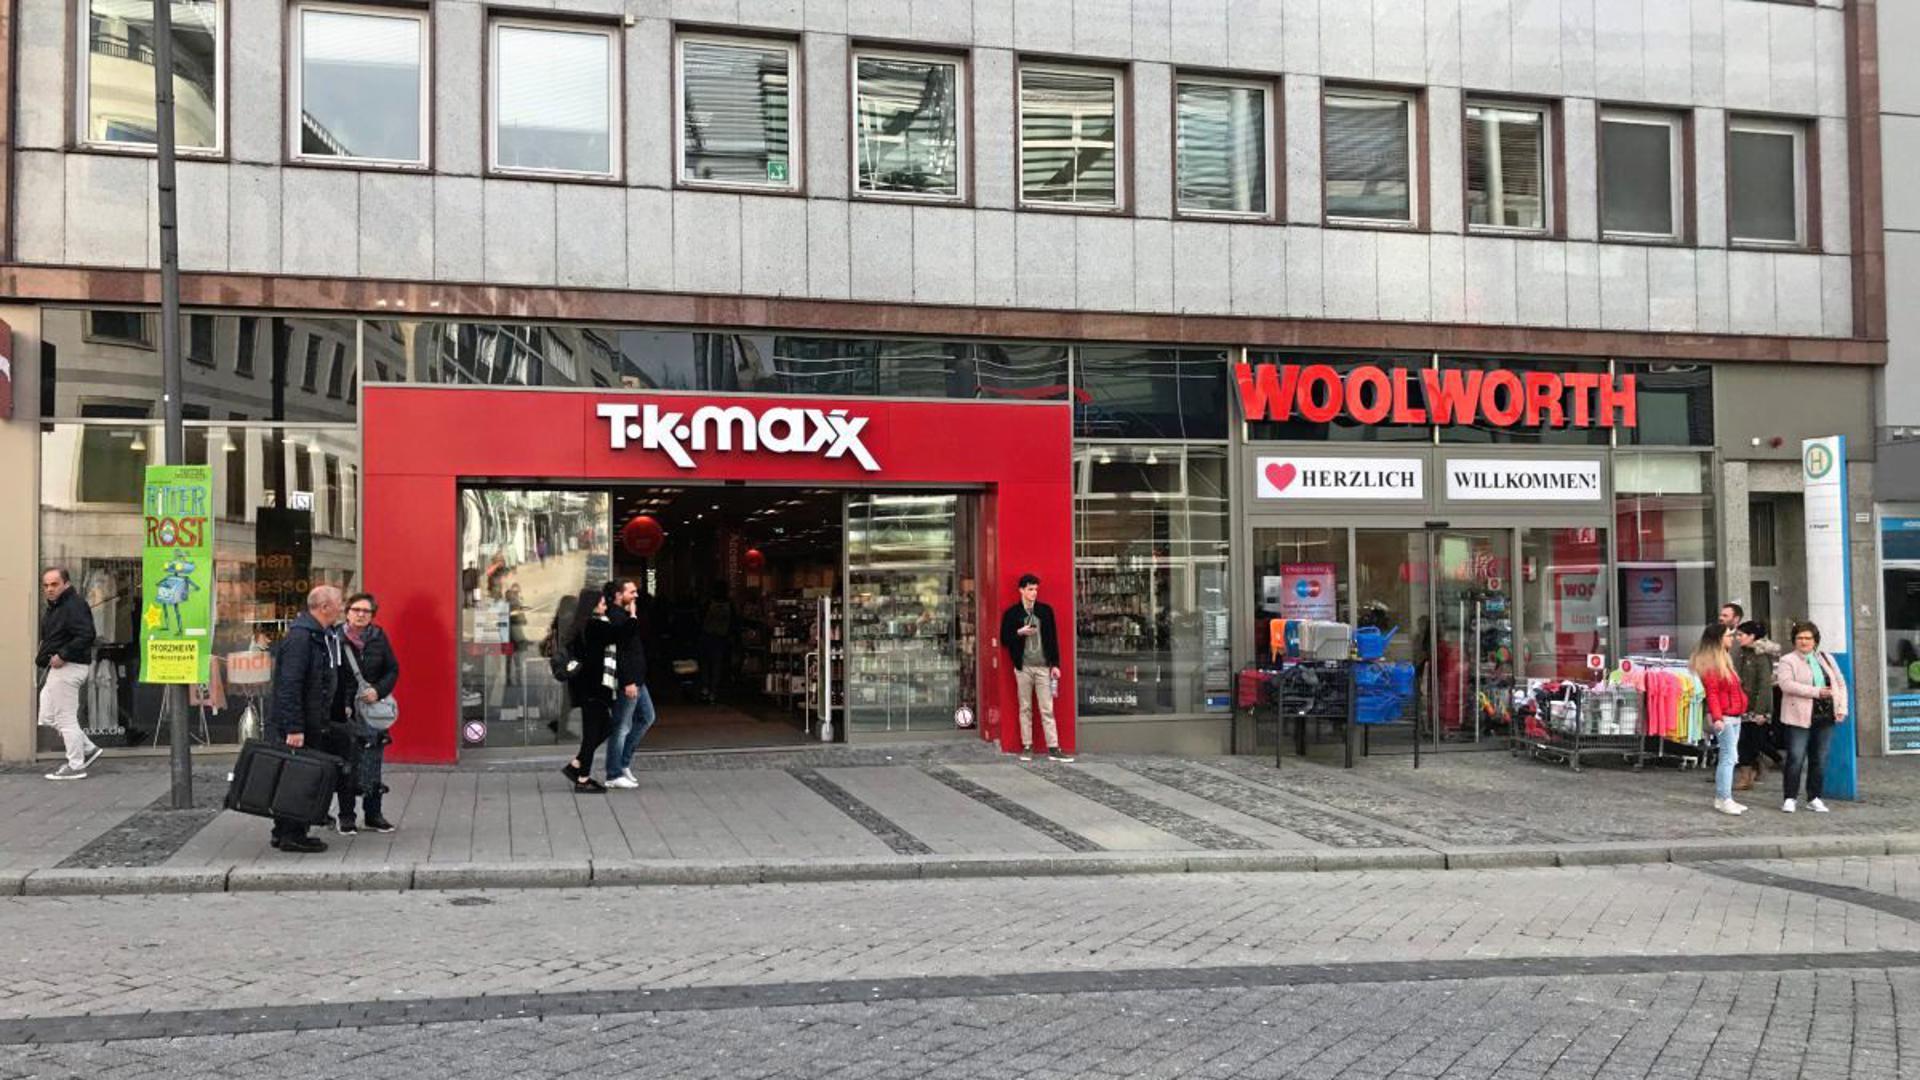 Mehrere Aktionskaufhäuser haben in der Pforzheimer Innenstadt direkt nebeneinander eröffnet.